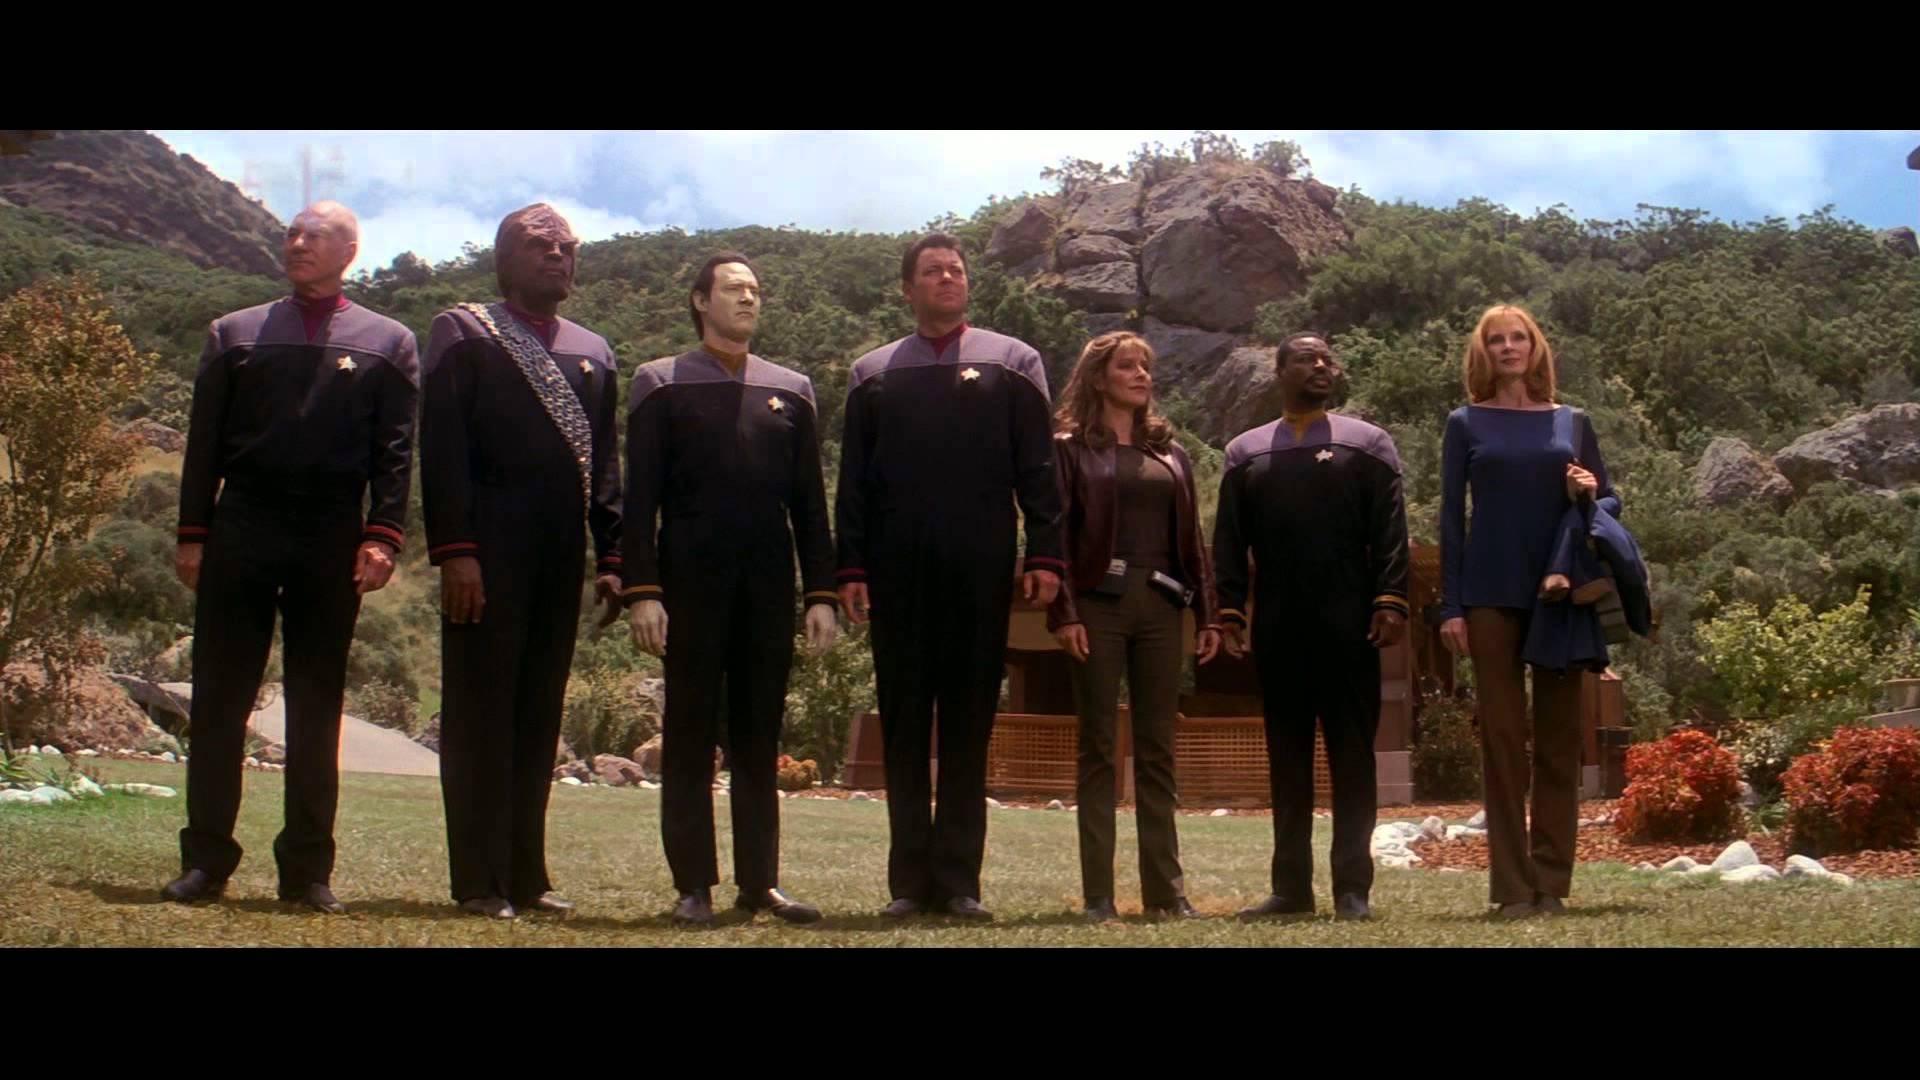 Star Trek: Insurrection cast